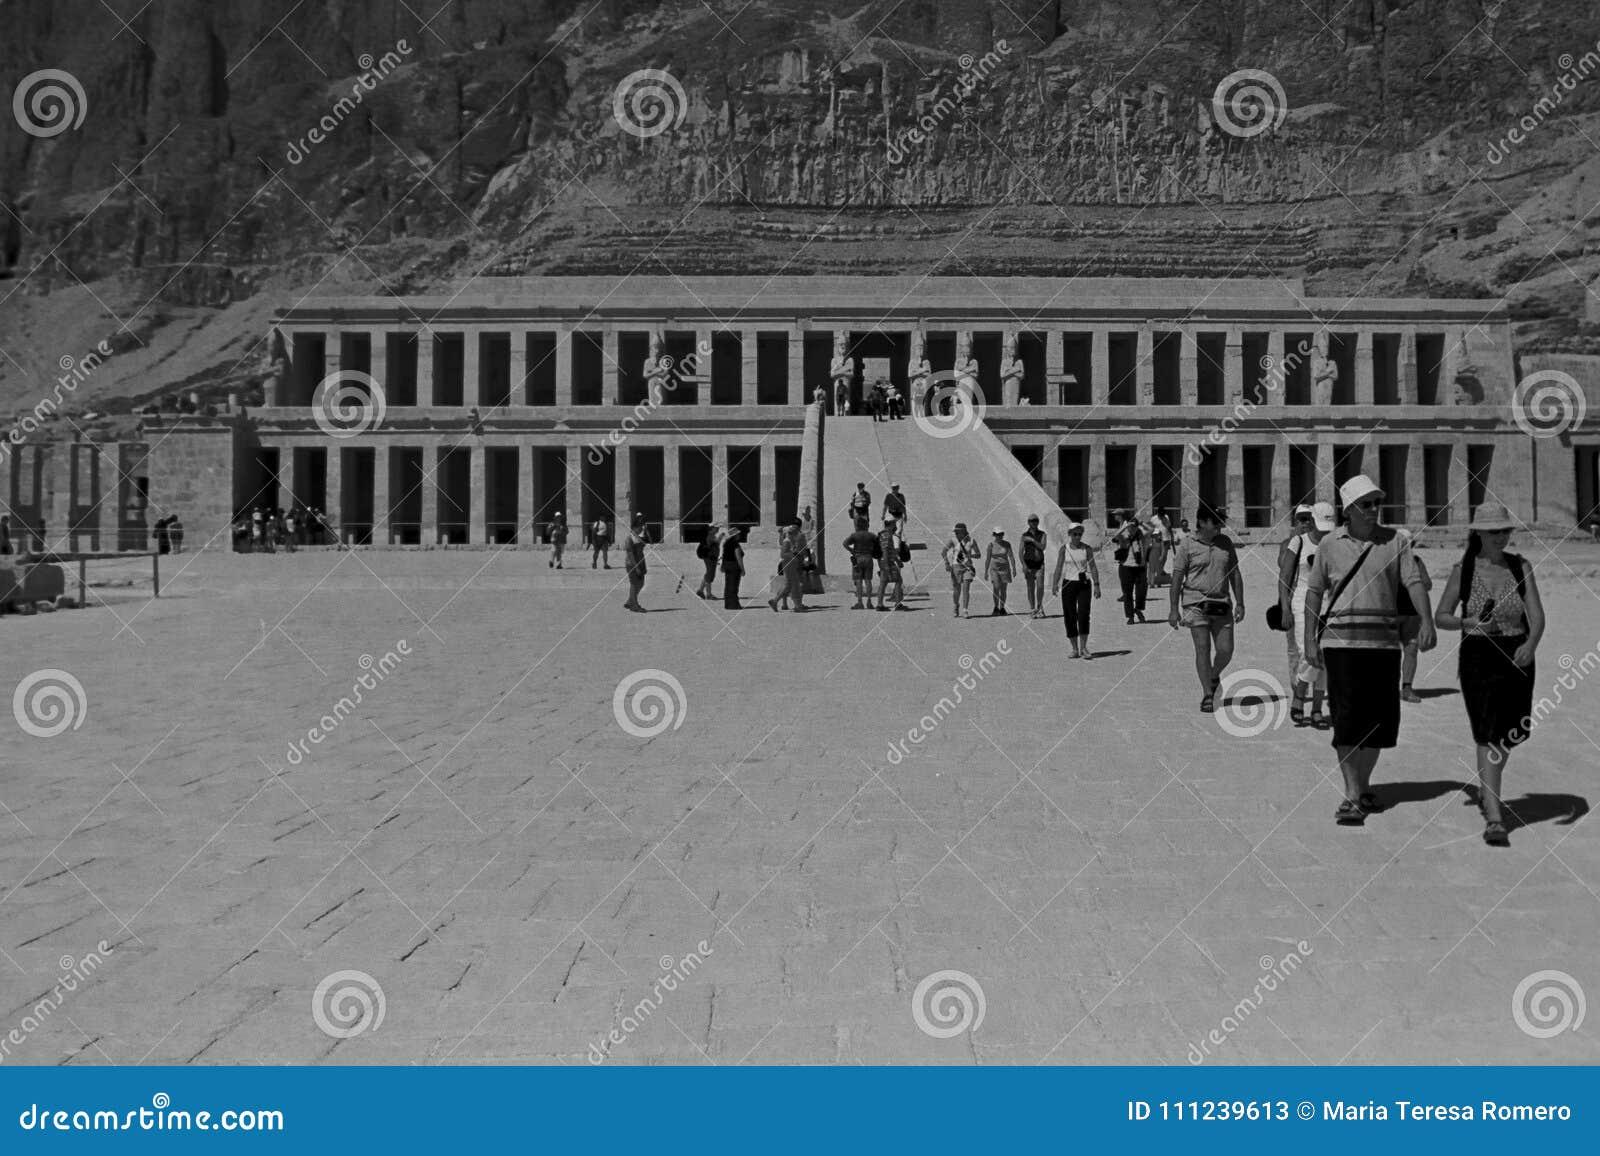 Templo de Hatshepsut, Egito, em outubro de 2002